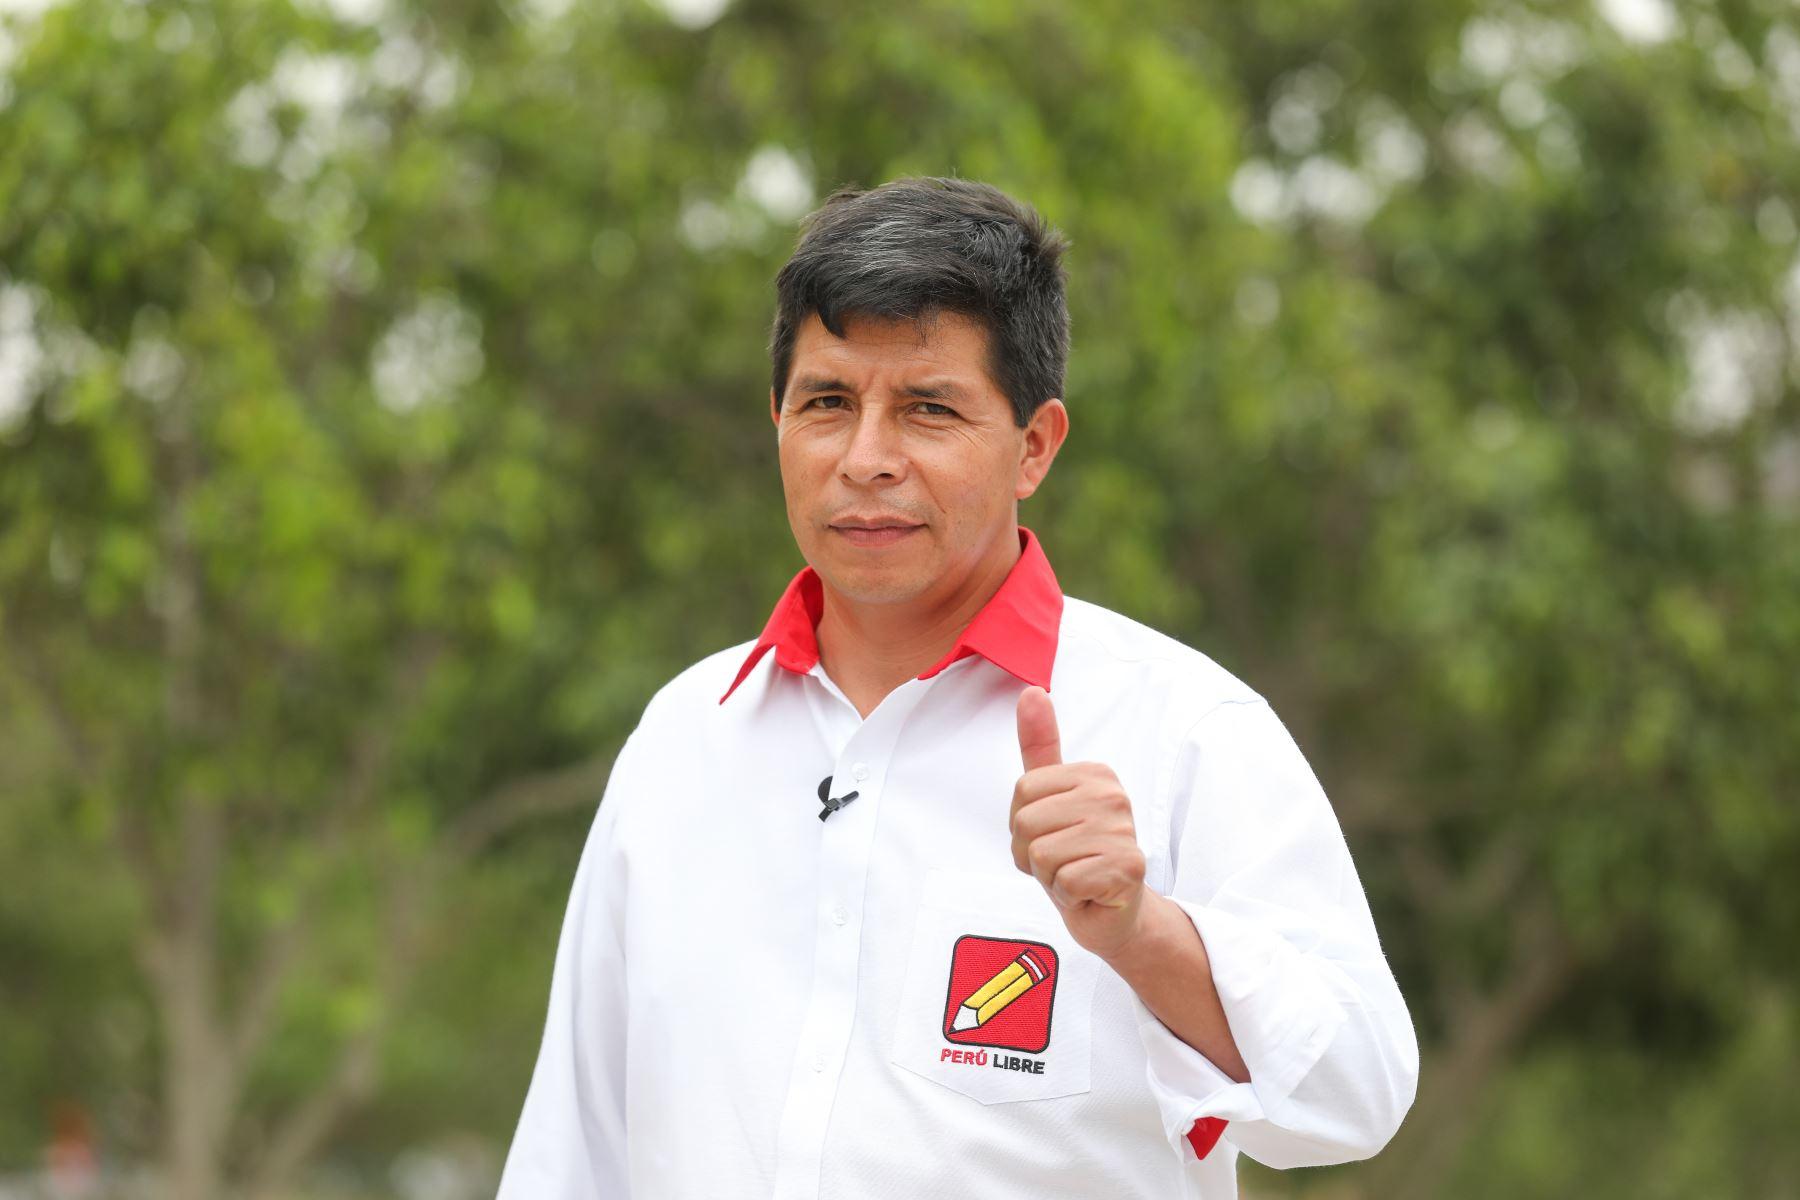 elecciones-2021-peru-libre-propone-programa-medico-integral-frente-al-covid-19